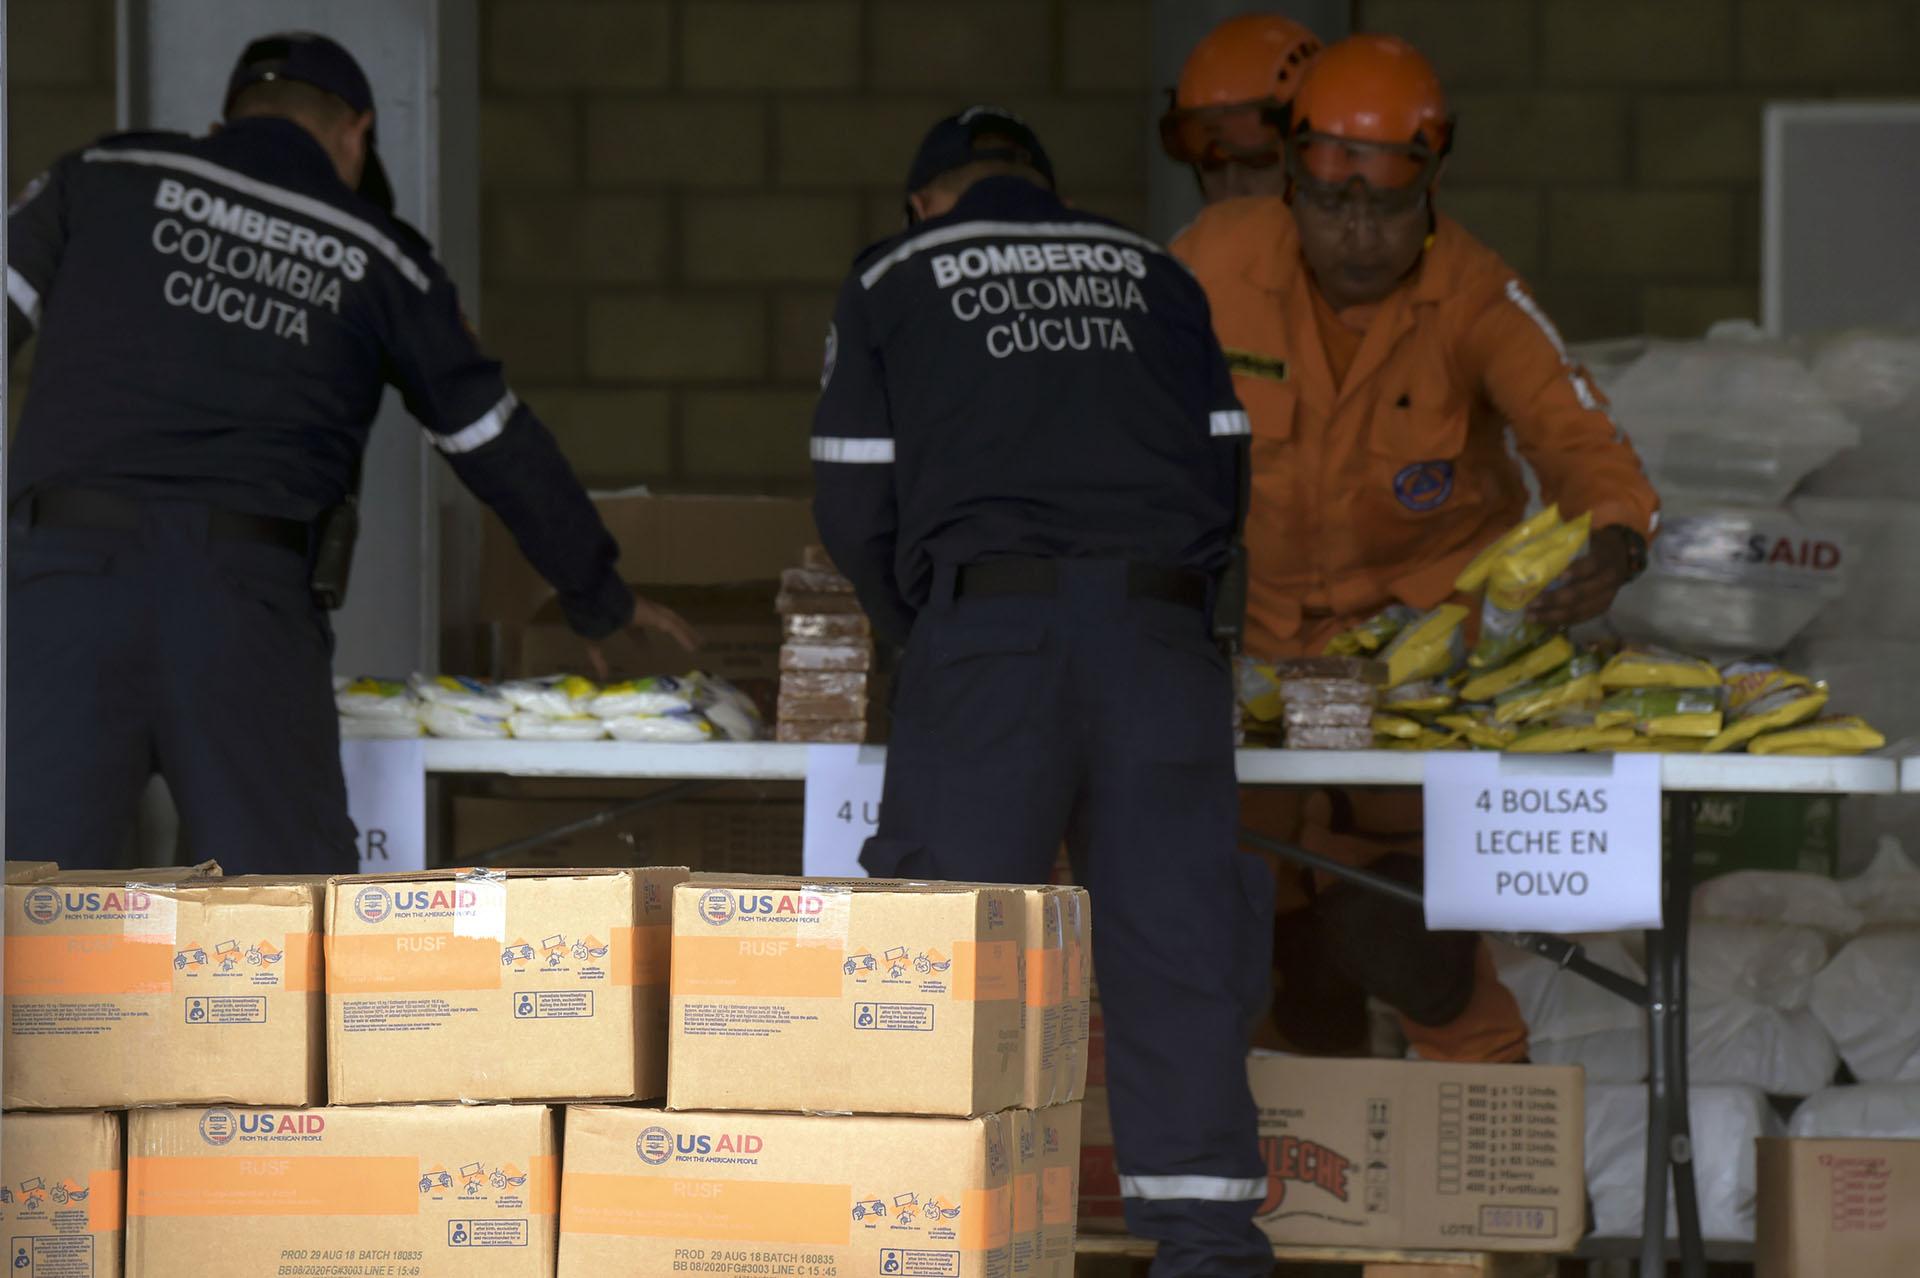 De momento no está claro qué será lo que pondrá fin al estancamiento en la frontera de Venezuela con Colombia. El embajador estadounidense en Colombia, Kevin Whitaker, dijo que Estados Unidos llevará los suministros a la frontera y que Guaidó se encargará de ellos a partir de ese punto